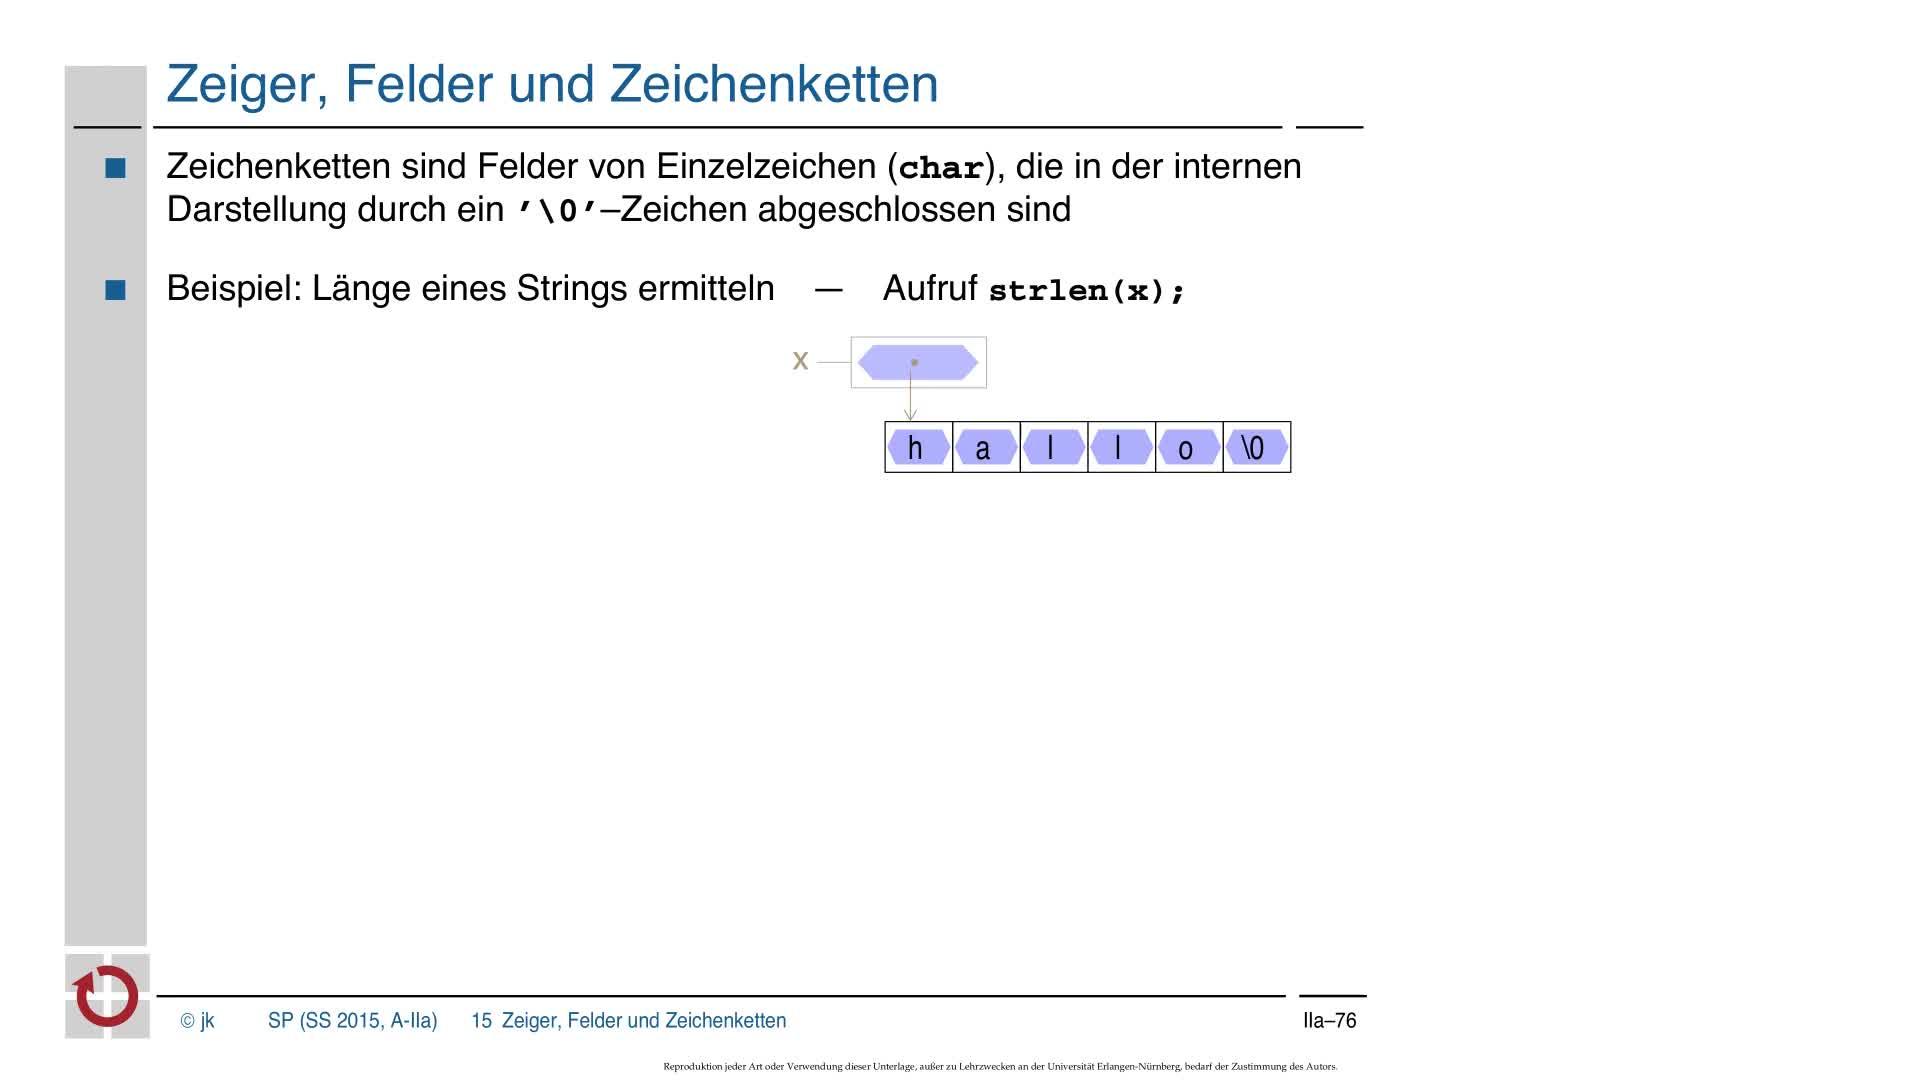 2.5.2 C-Kurzeinführung: Zeiger, Felder und Zeichenketten preview image